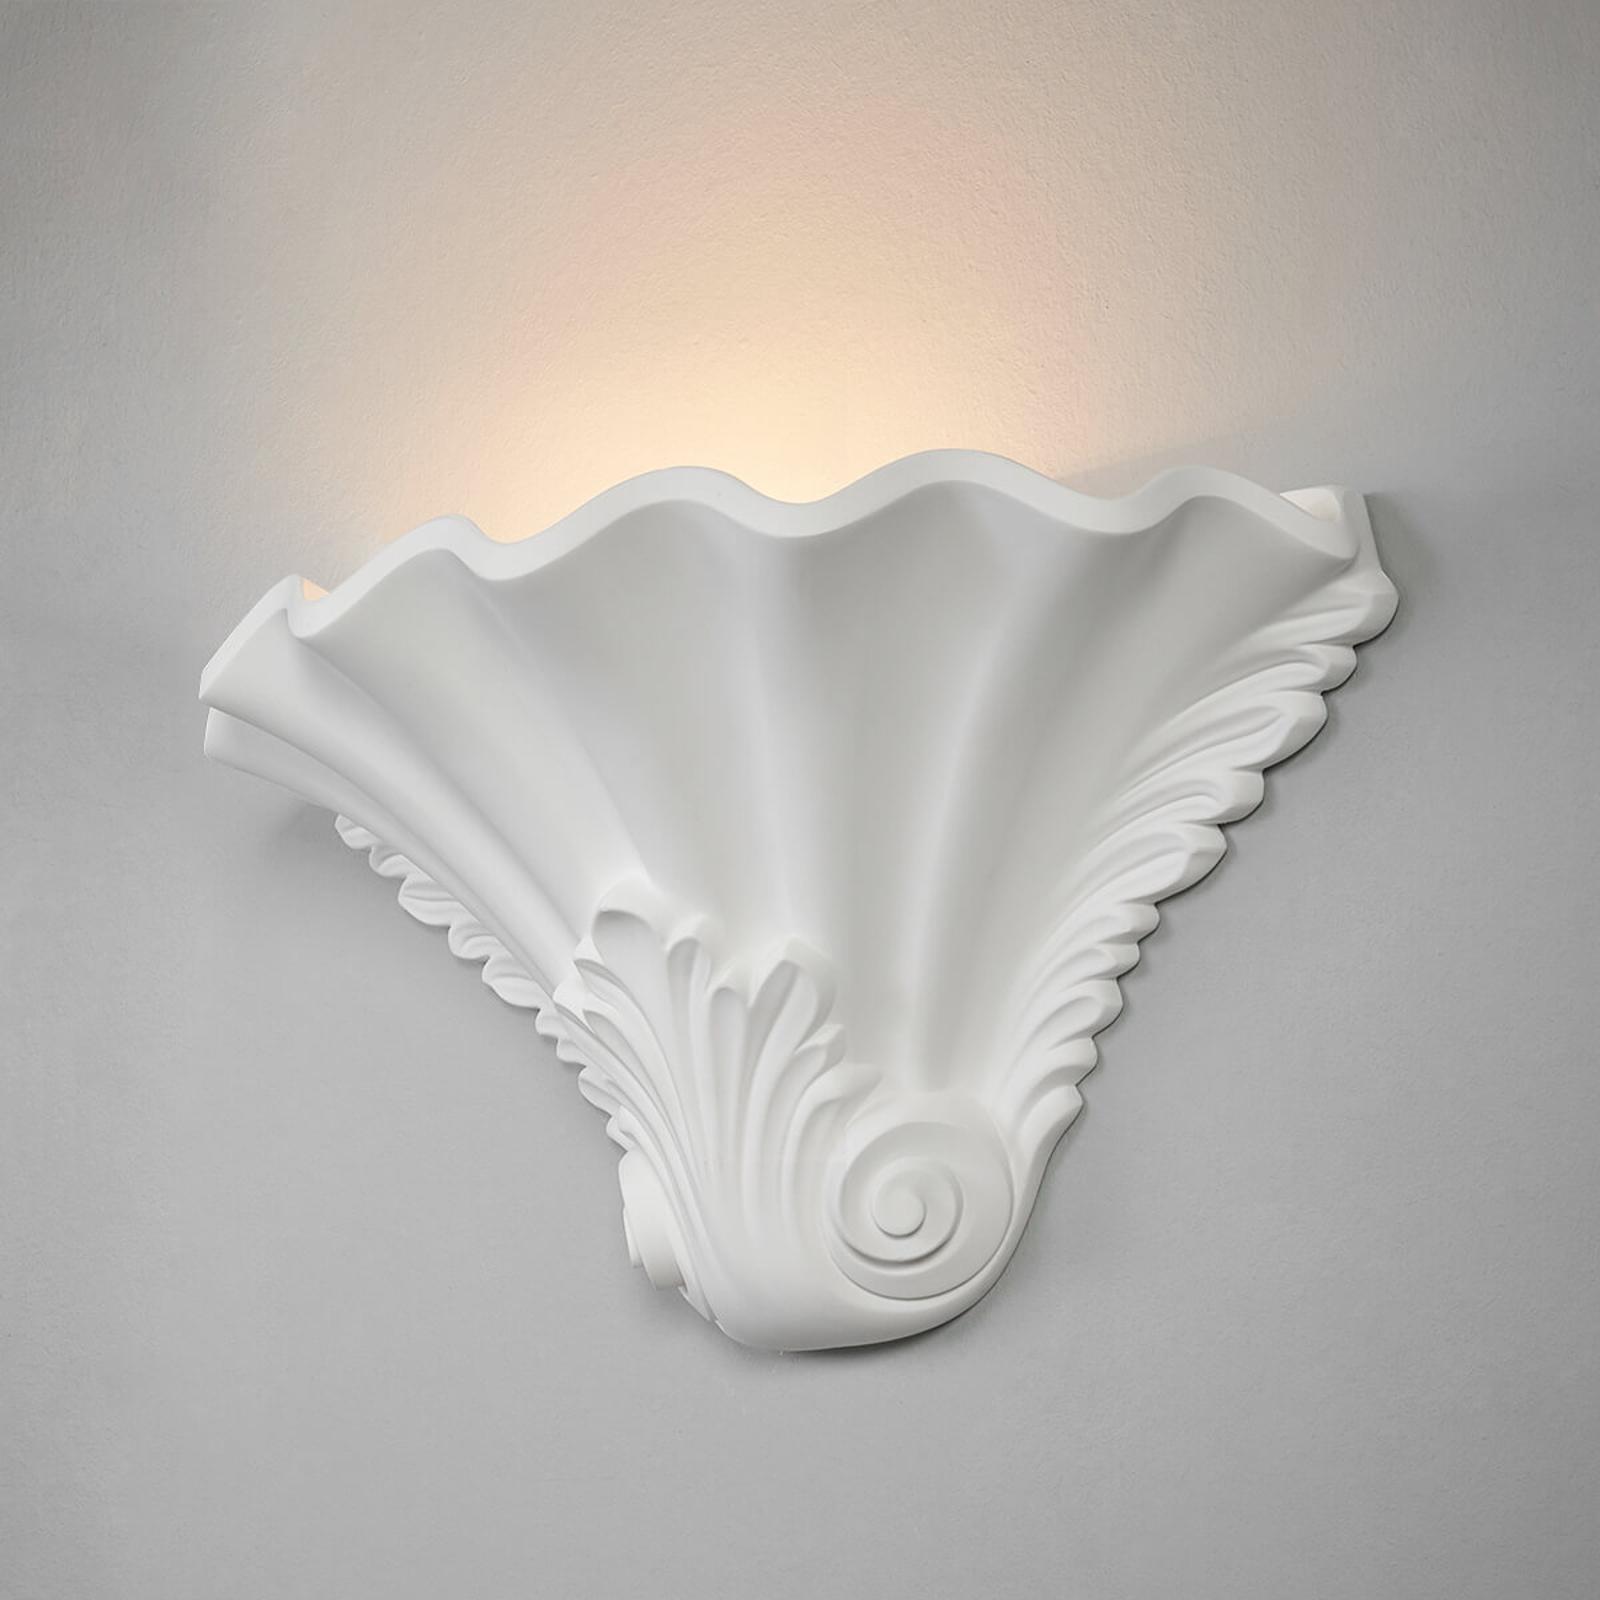 Gipsvæglampe Lennet i hvid med relief